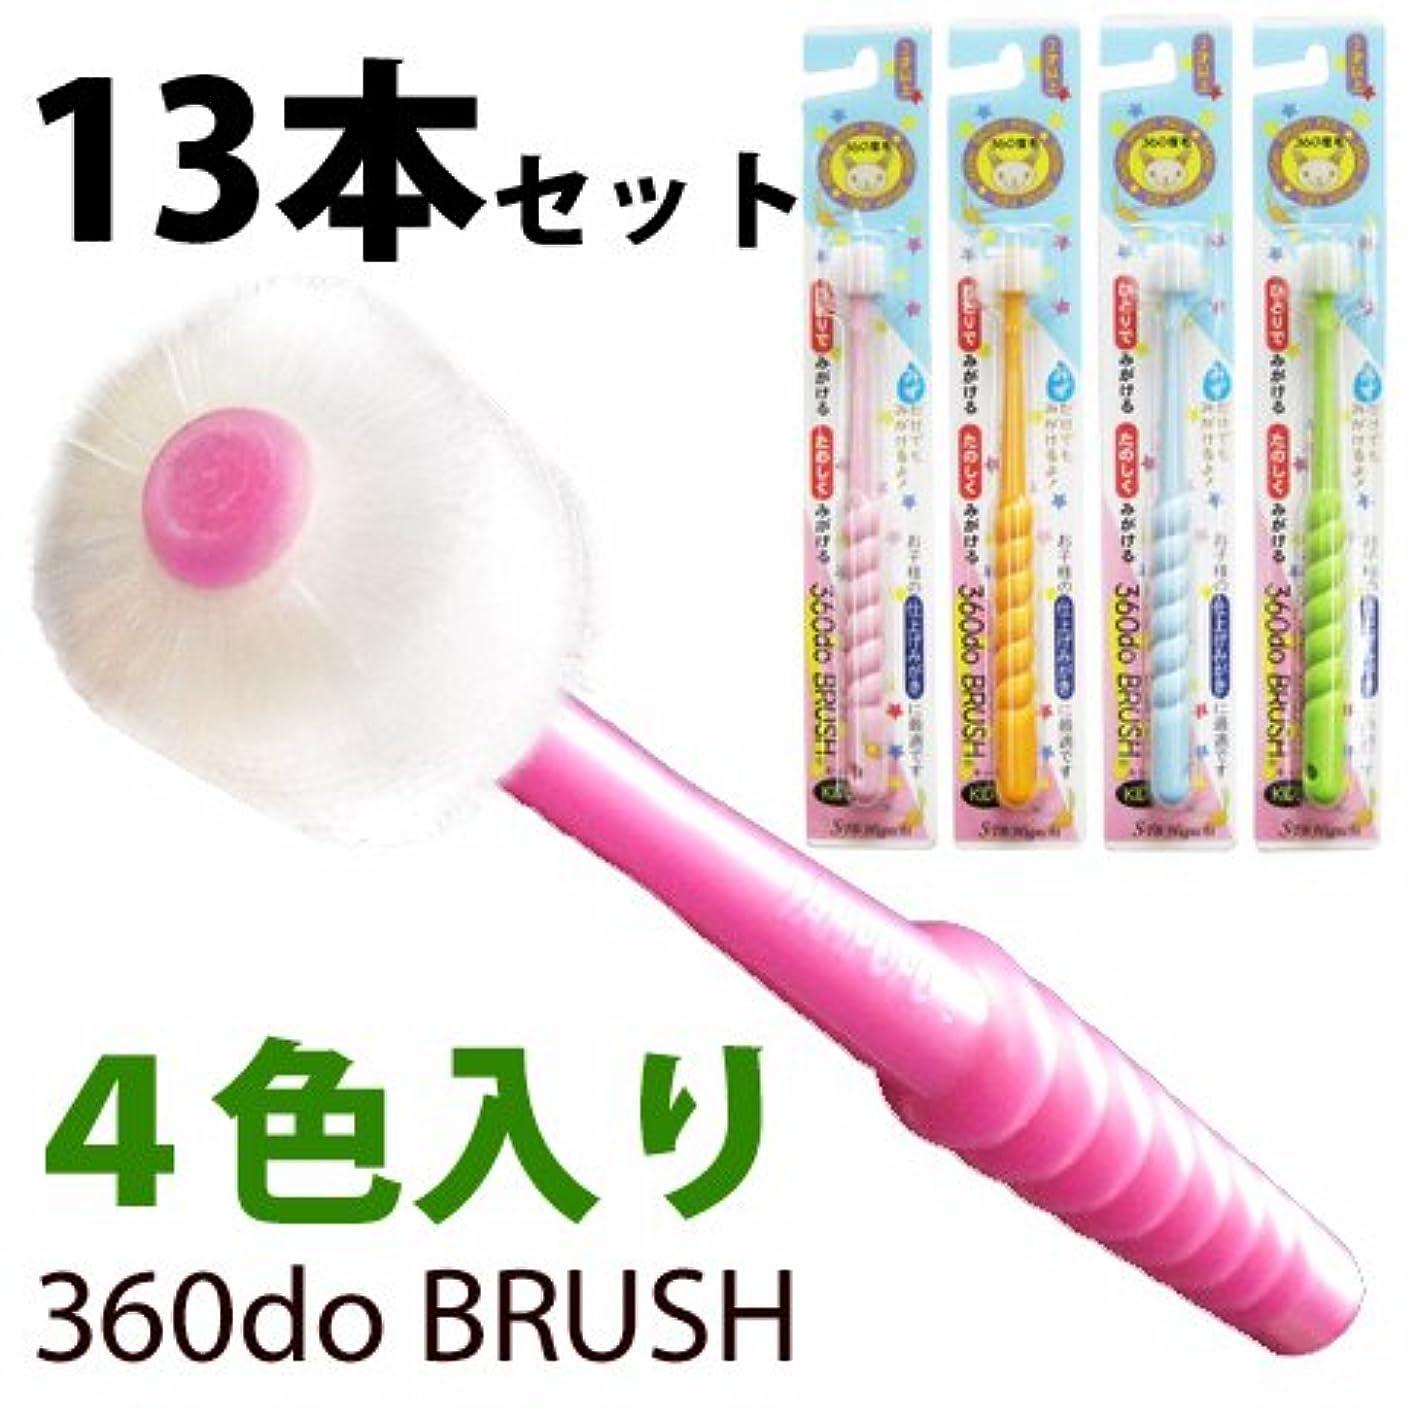 製作口述チャーム360do BRUSH 360度歯ブラシ キッズ 4色混合 13本セット